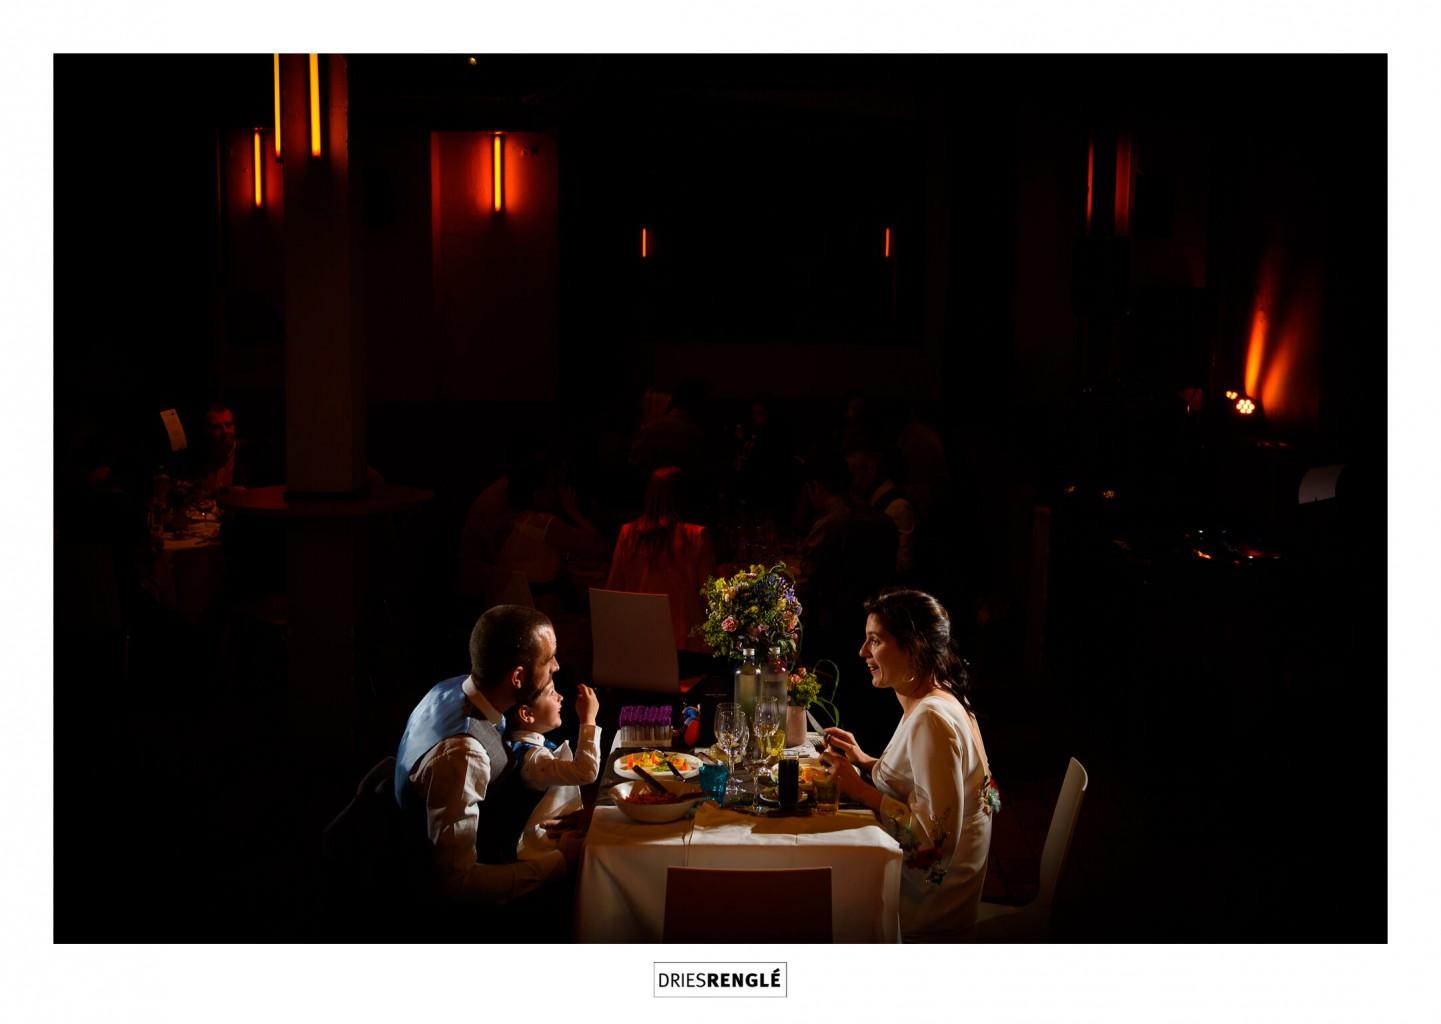 006-feestzaal-huwelijk-de-hoorn-dries-rengle